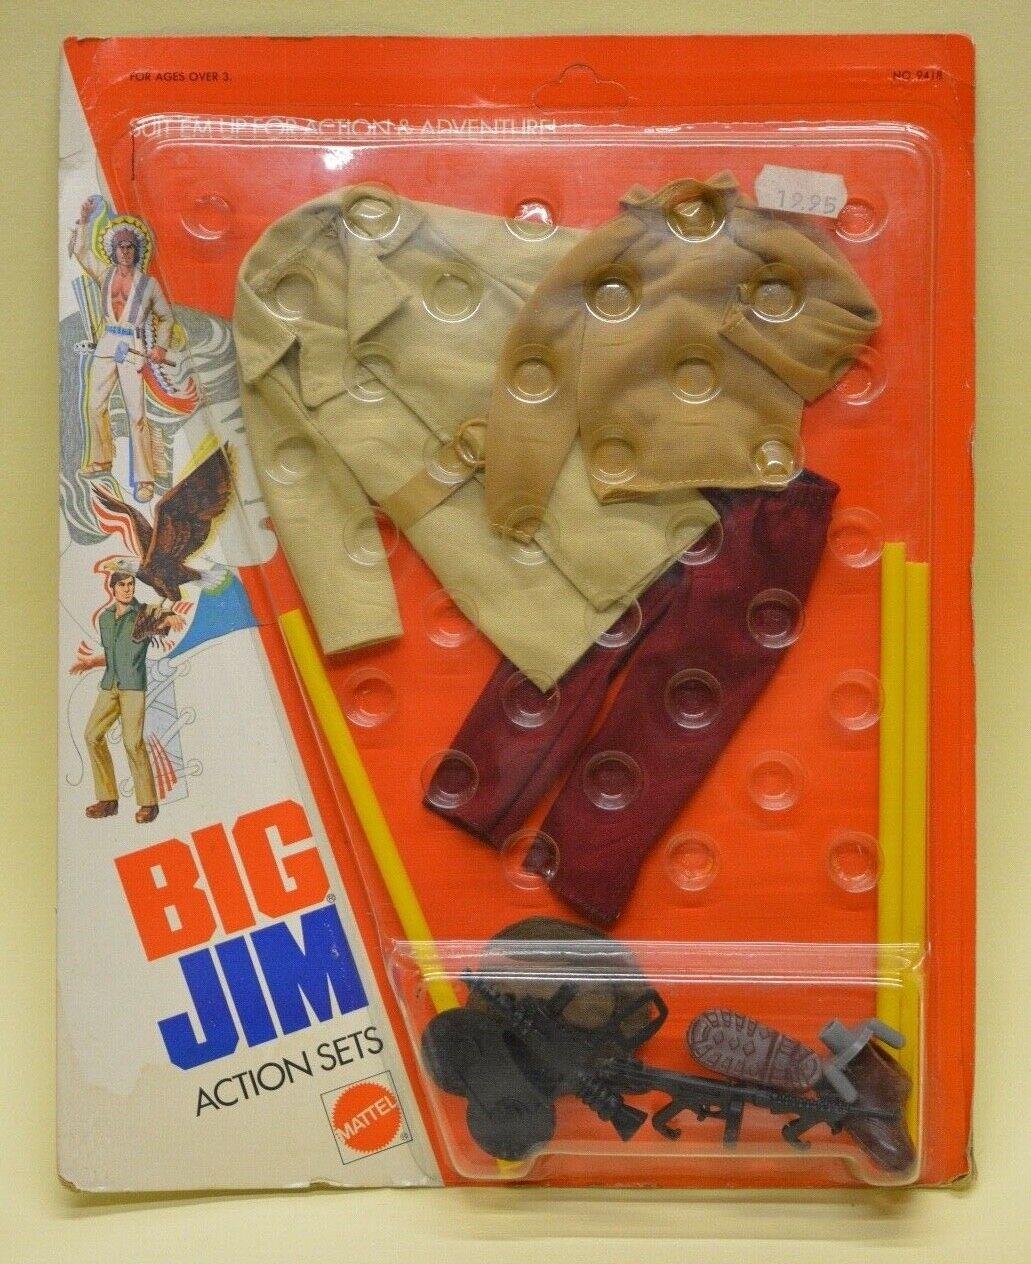 BIG JIM MATTEL ADVENTURE SET OUTFIT  9418 SECRET FILMER SEALED & CARDED 1975